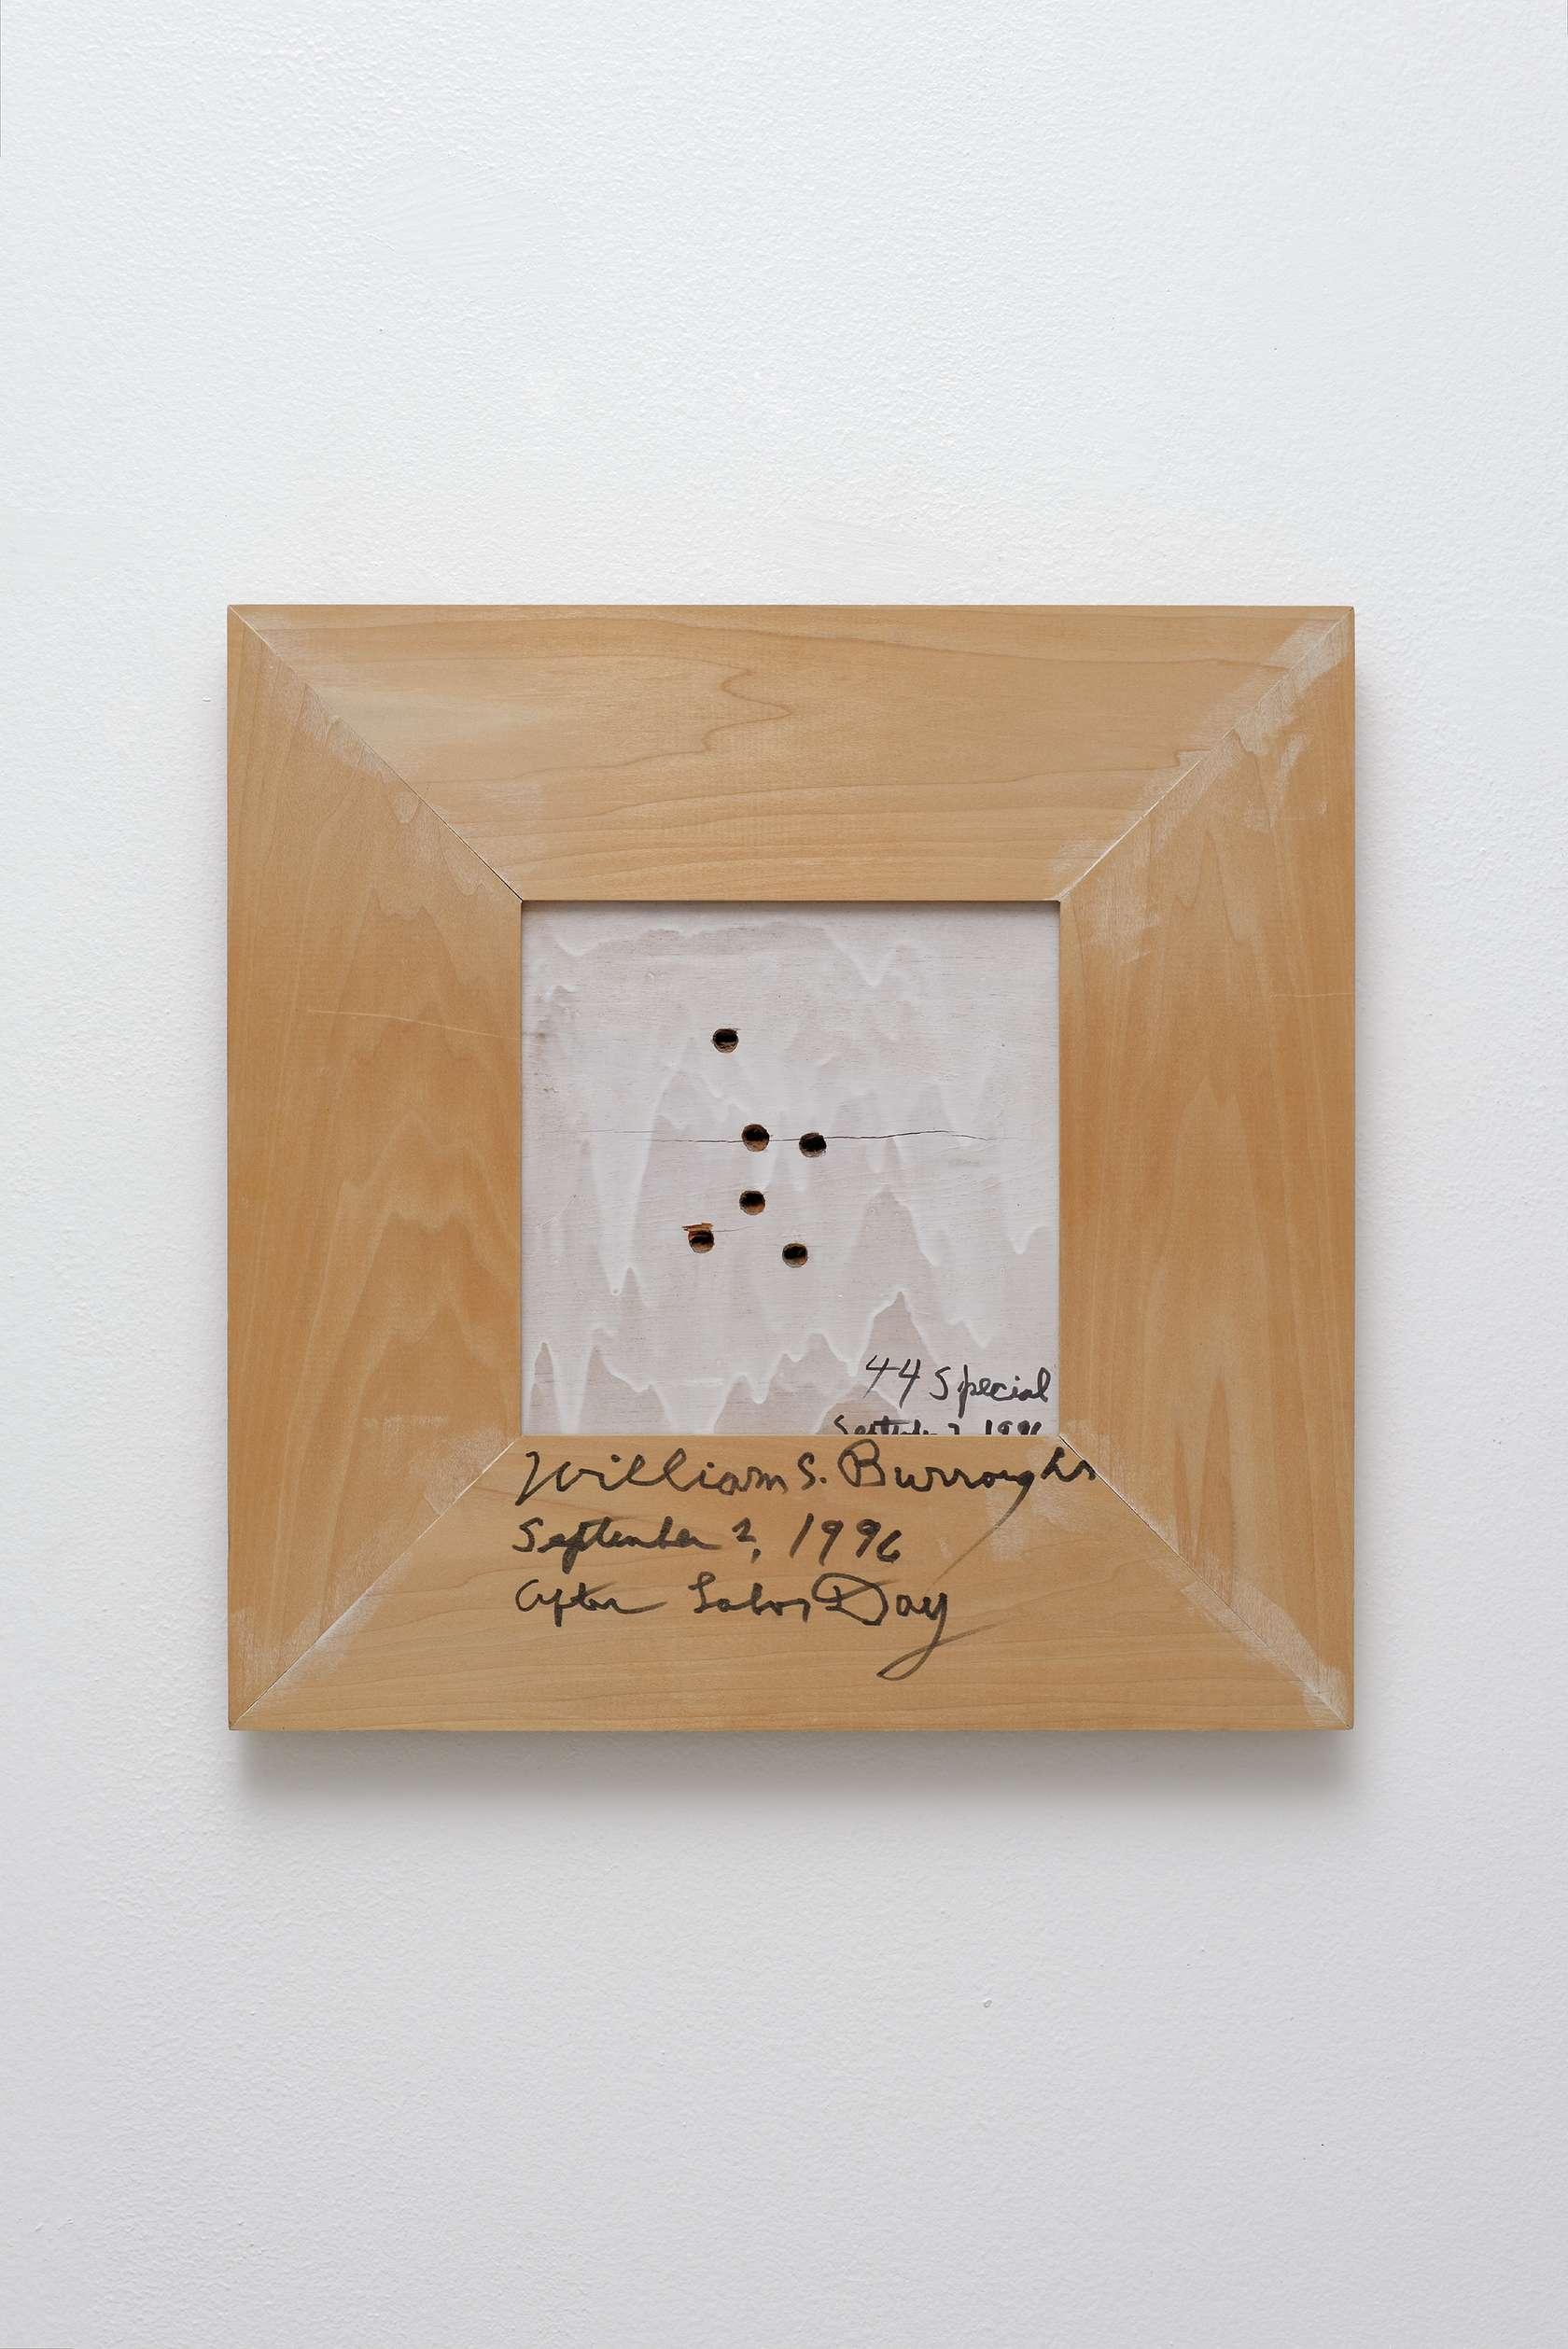 William S. Burroughs, 44 Spécial, 1994 Acrylique et impacts de balles sur bois48 × 47.5 cm / 18 7/8 × 18 6/8 in.